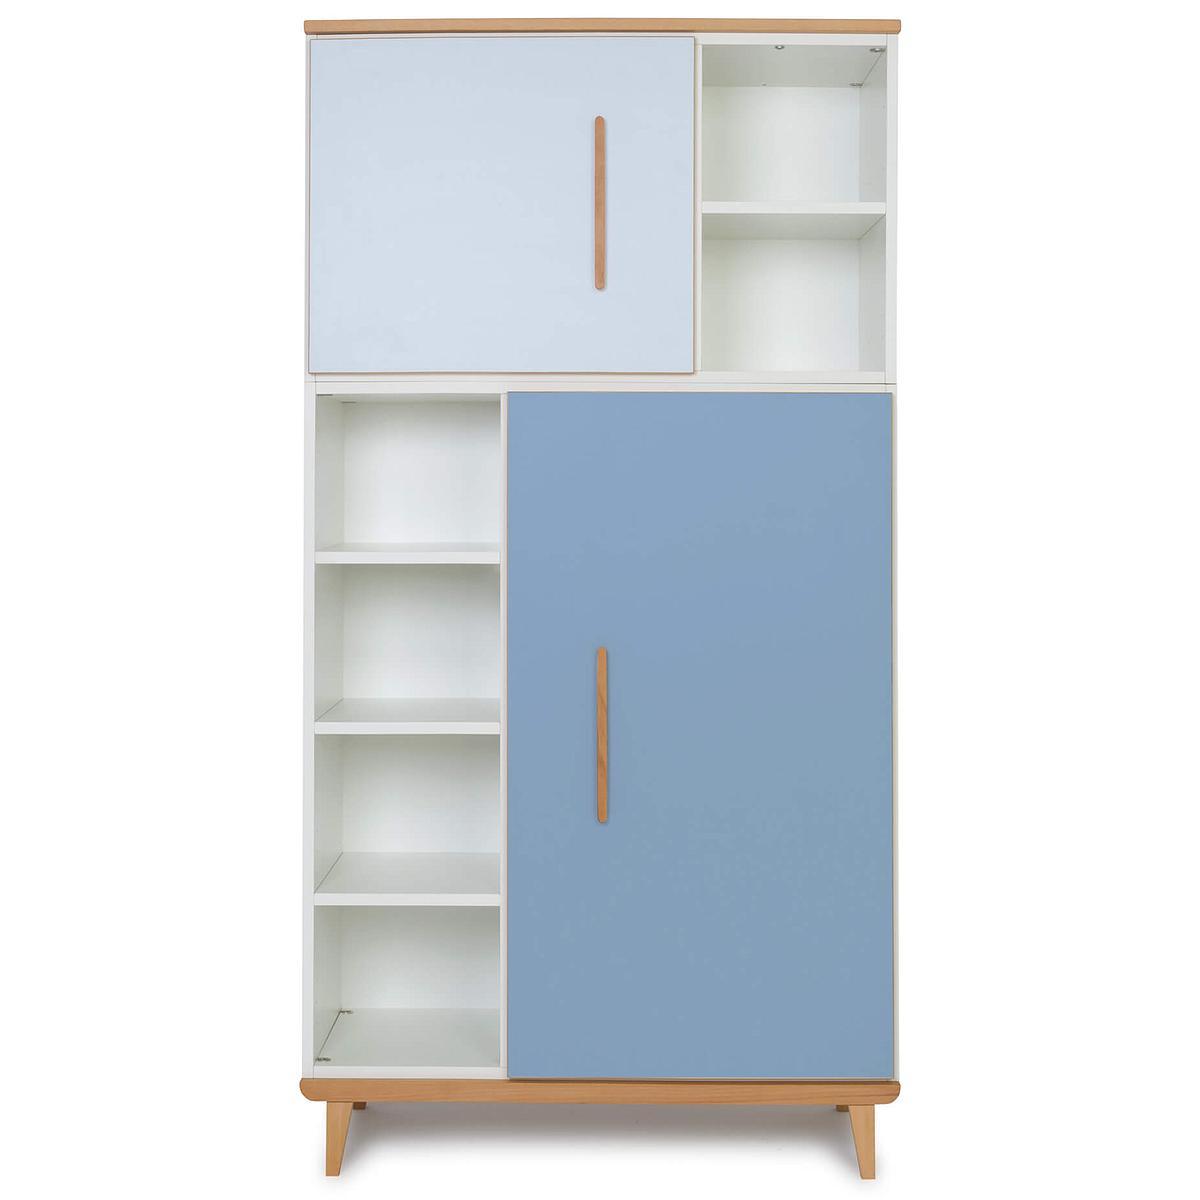 Kleiderschrank 173cm 2-türig NADO sky blue-capri blue